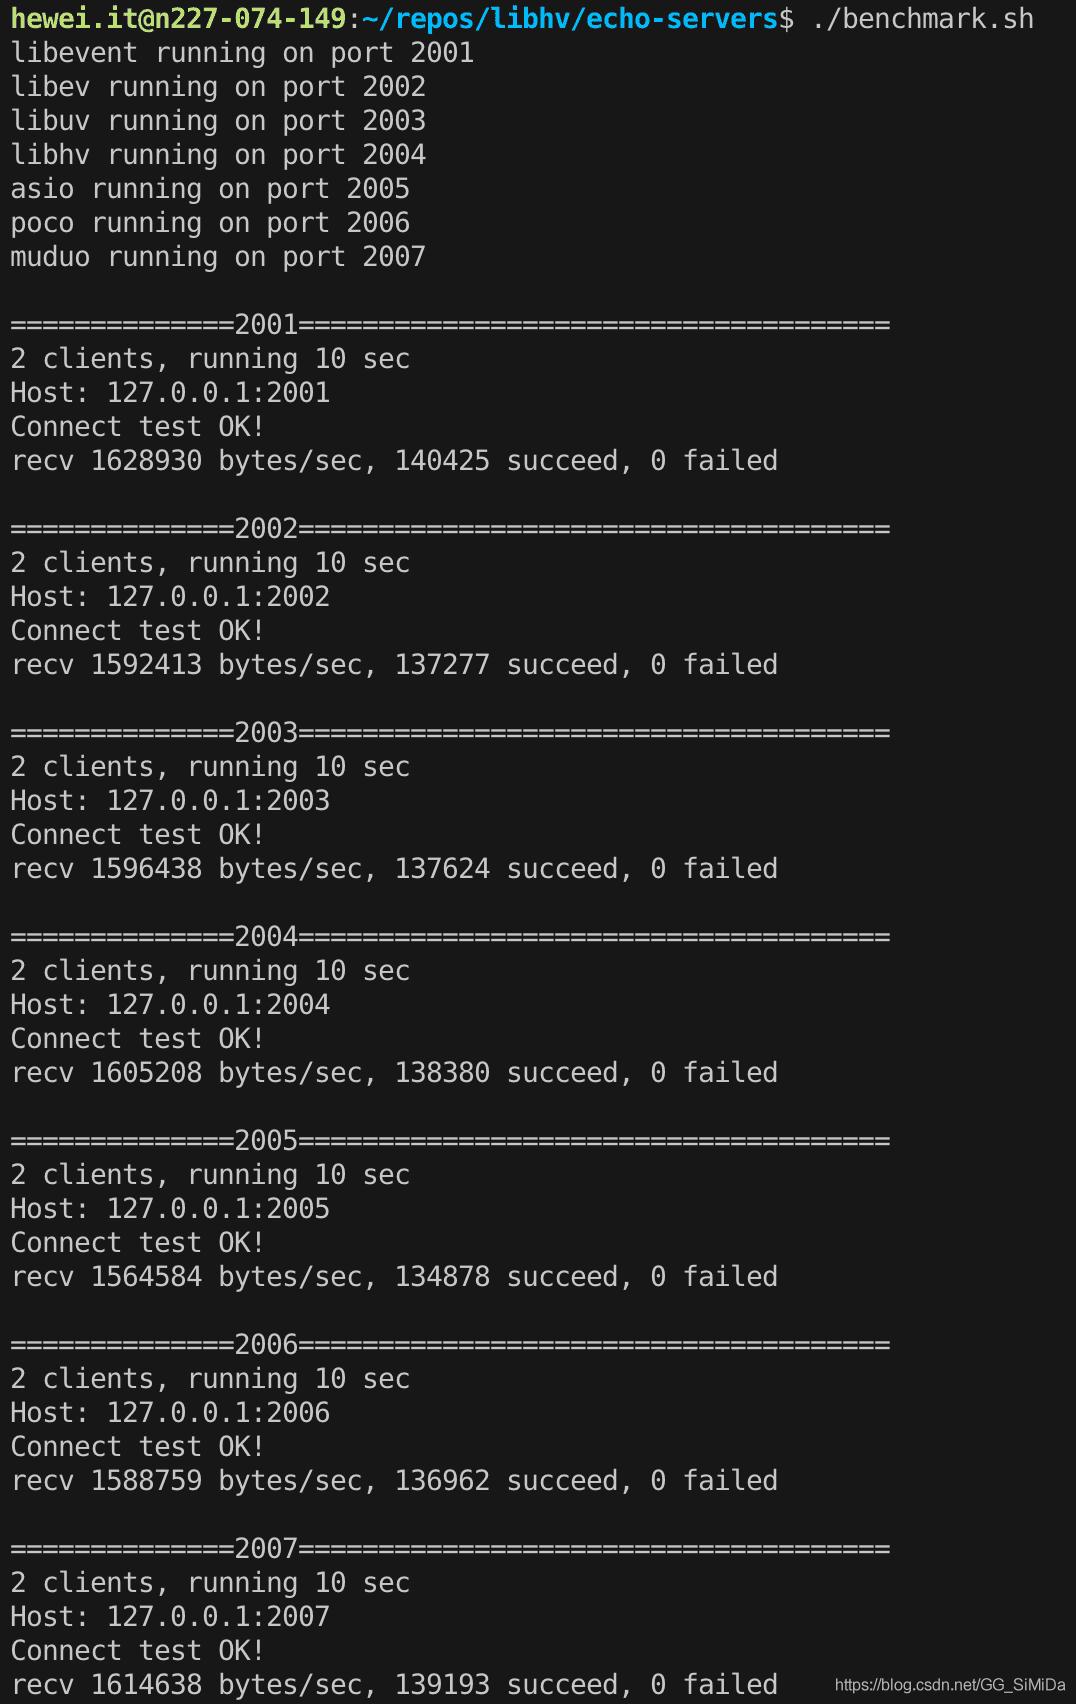 echo-servers